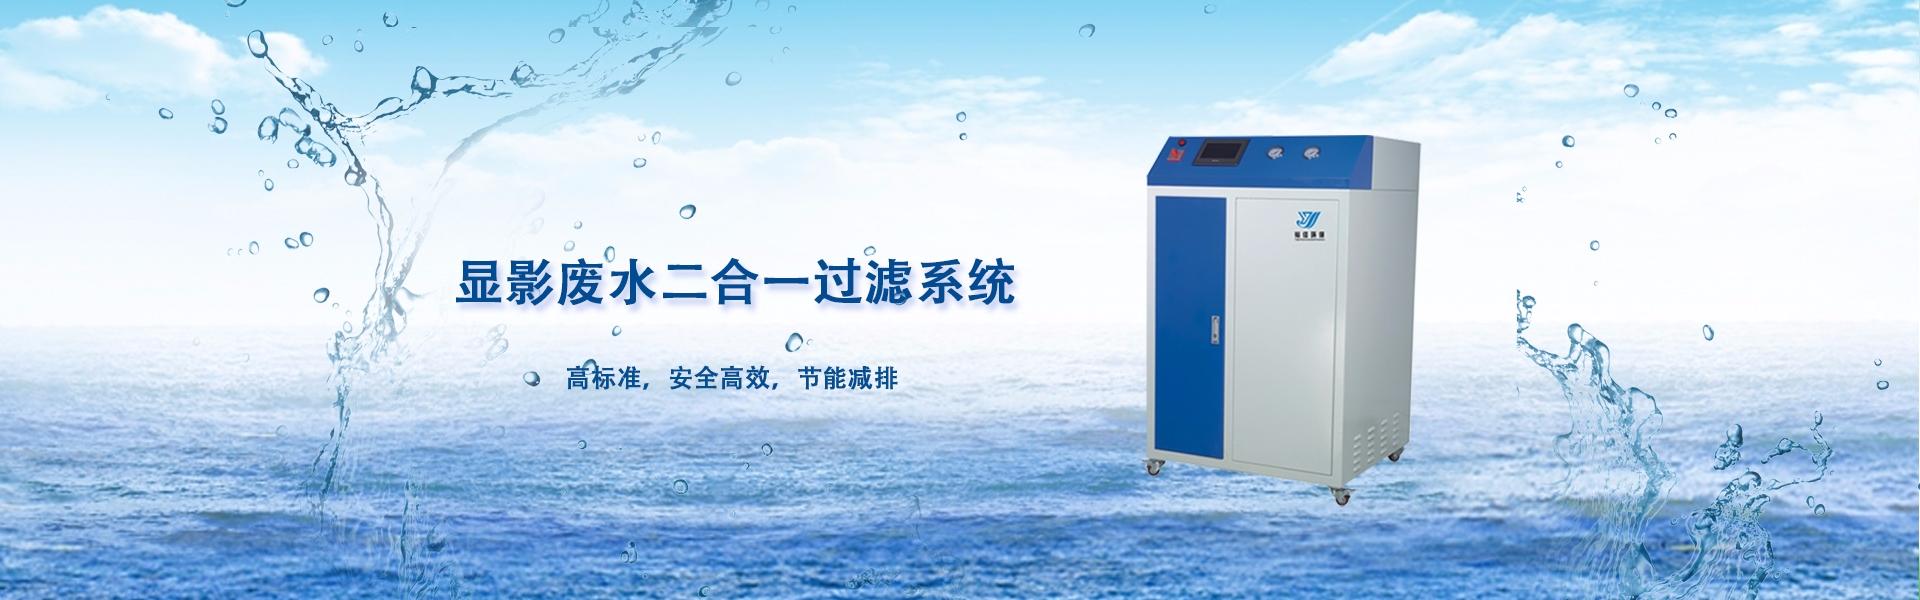 显影废液处理系统